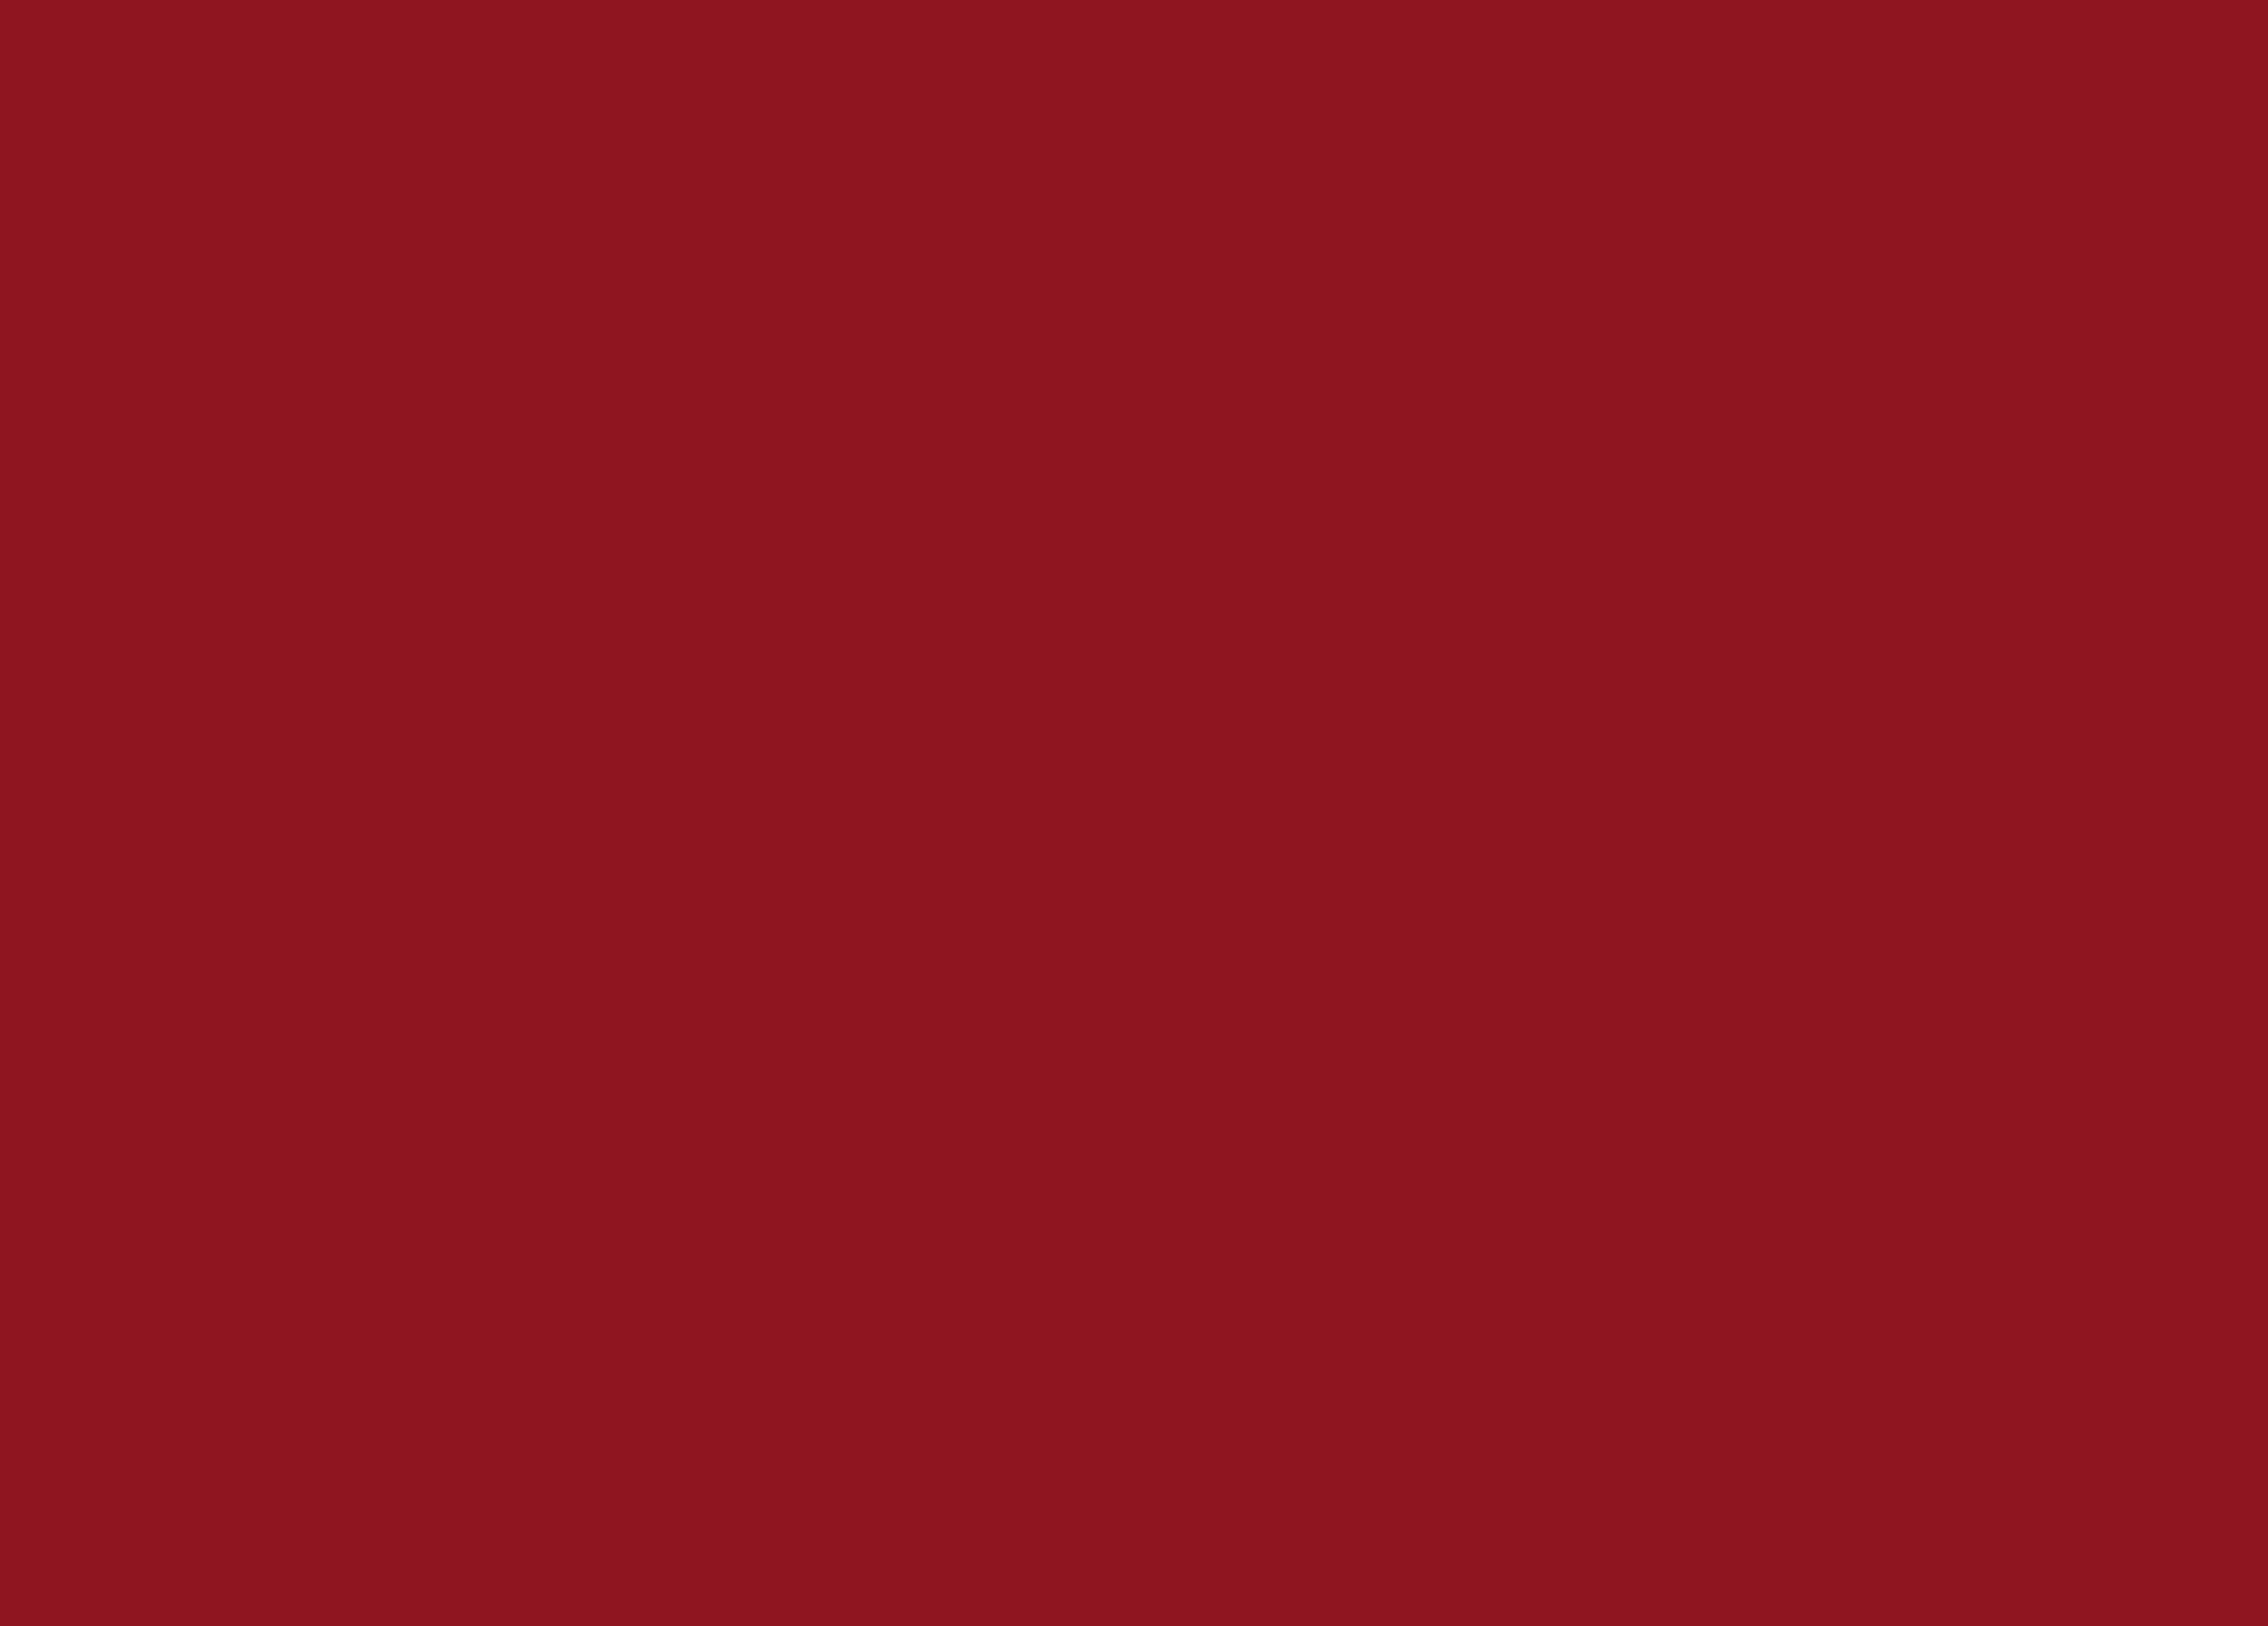 Vermelho - 11180